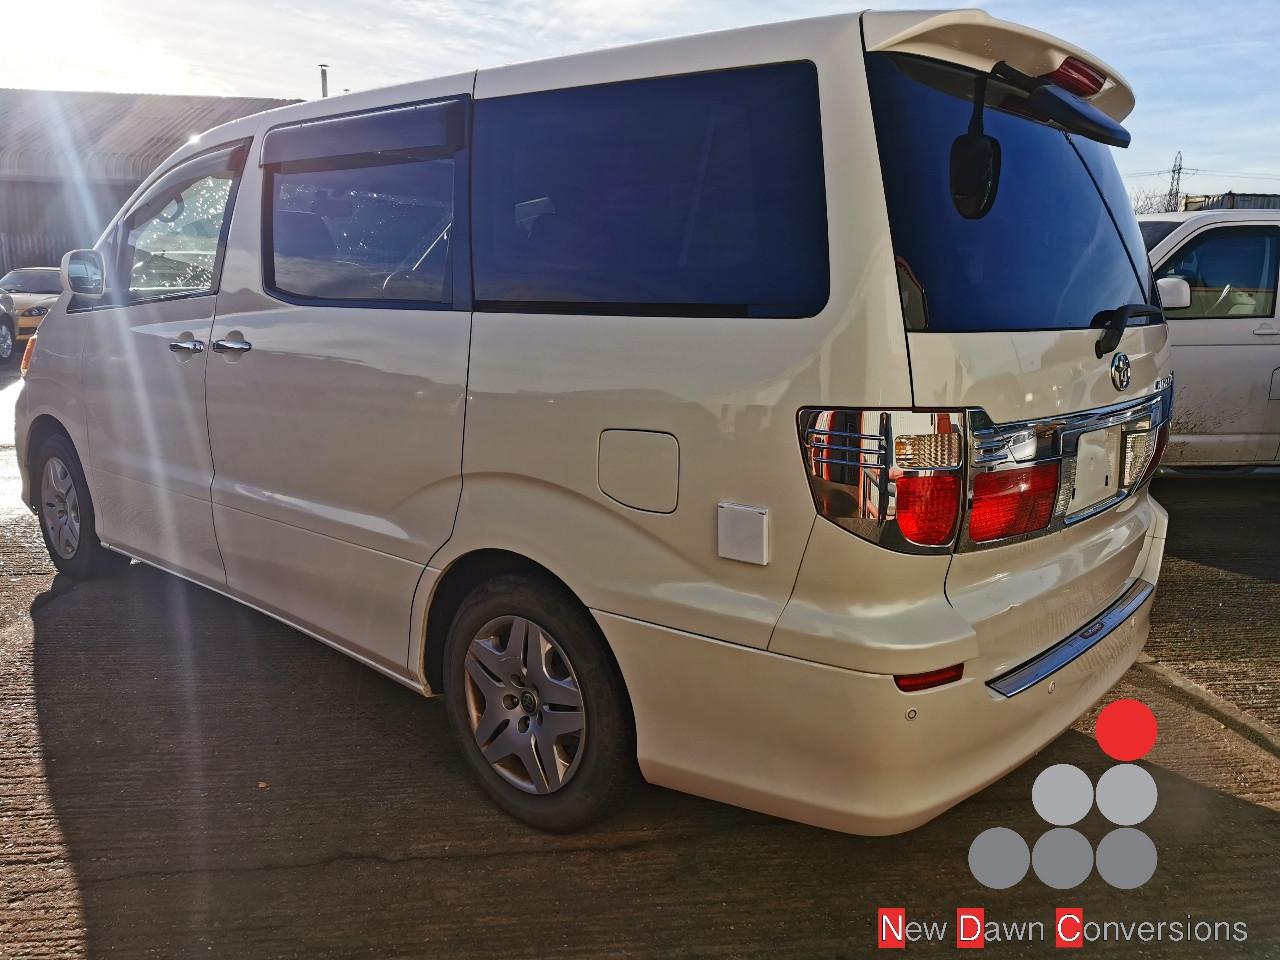 Toyota Alphard NDC0163 (5).jpg